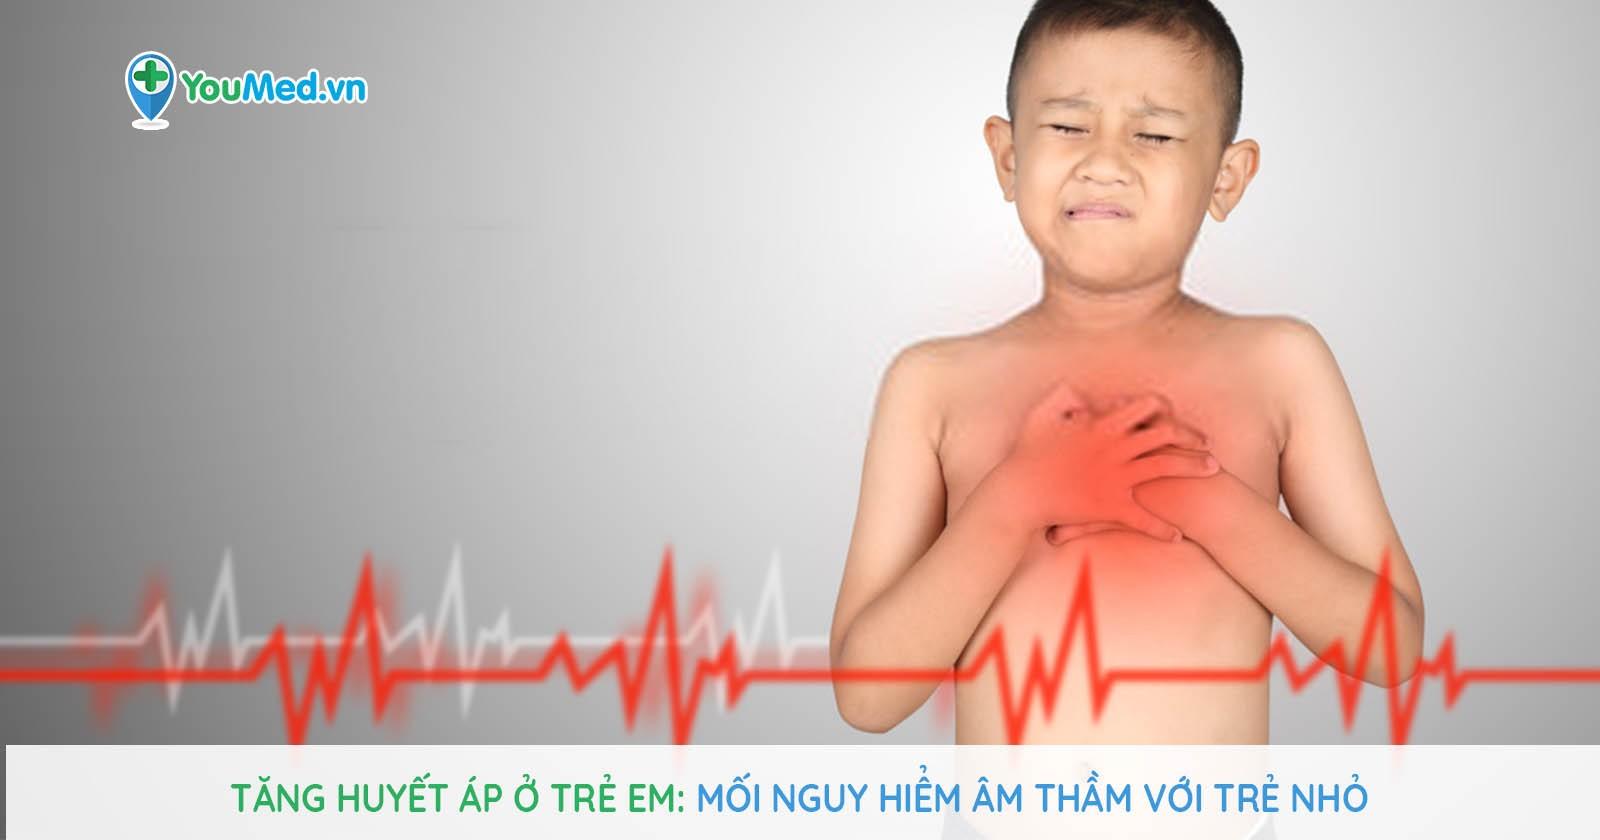 Tăng huyết áp trẻ em: Phụ huynh nhất định phải biết!